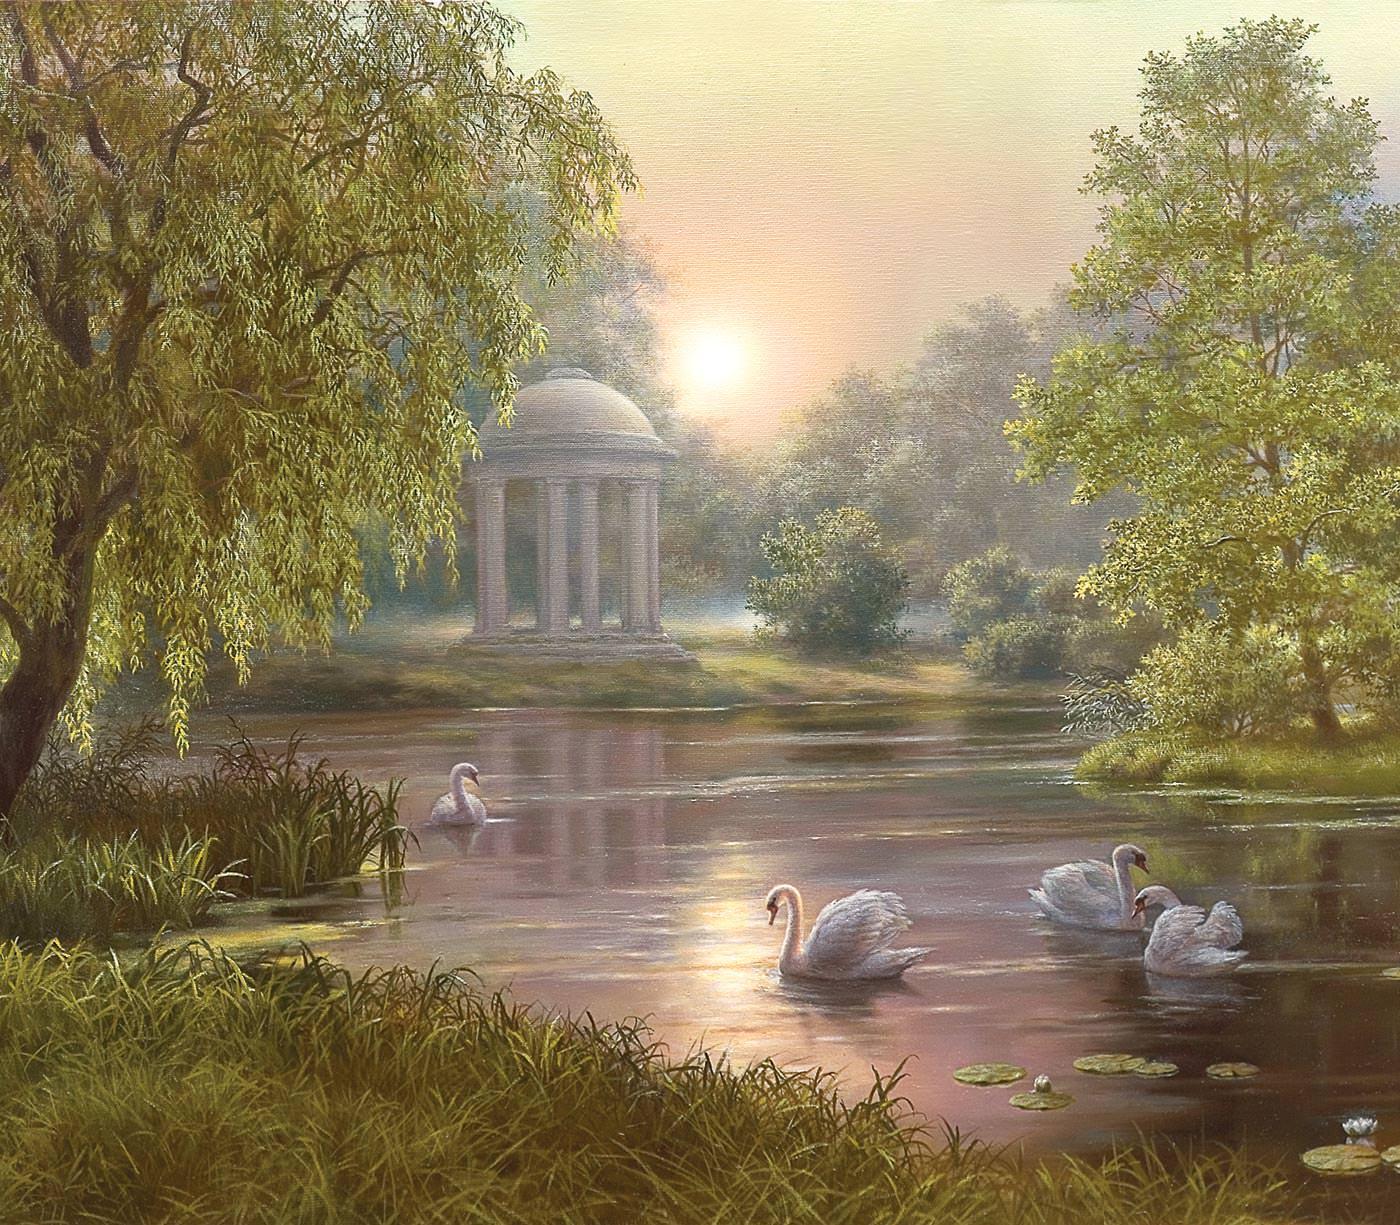 карьера стояла пейзажи с лебедями картинки вопрос